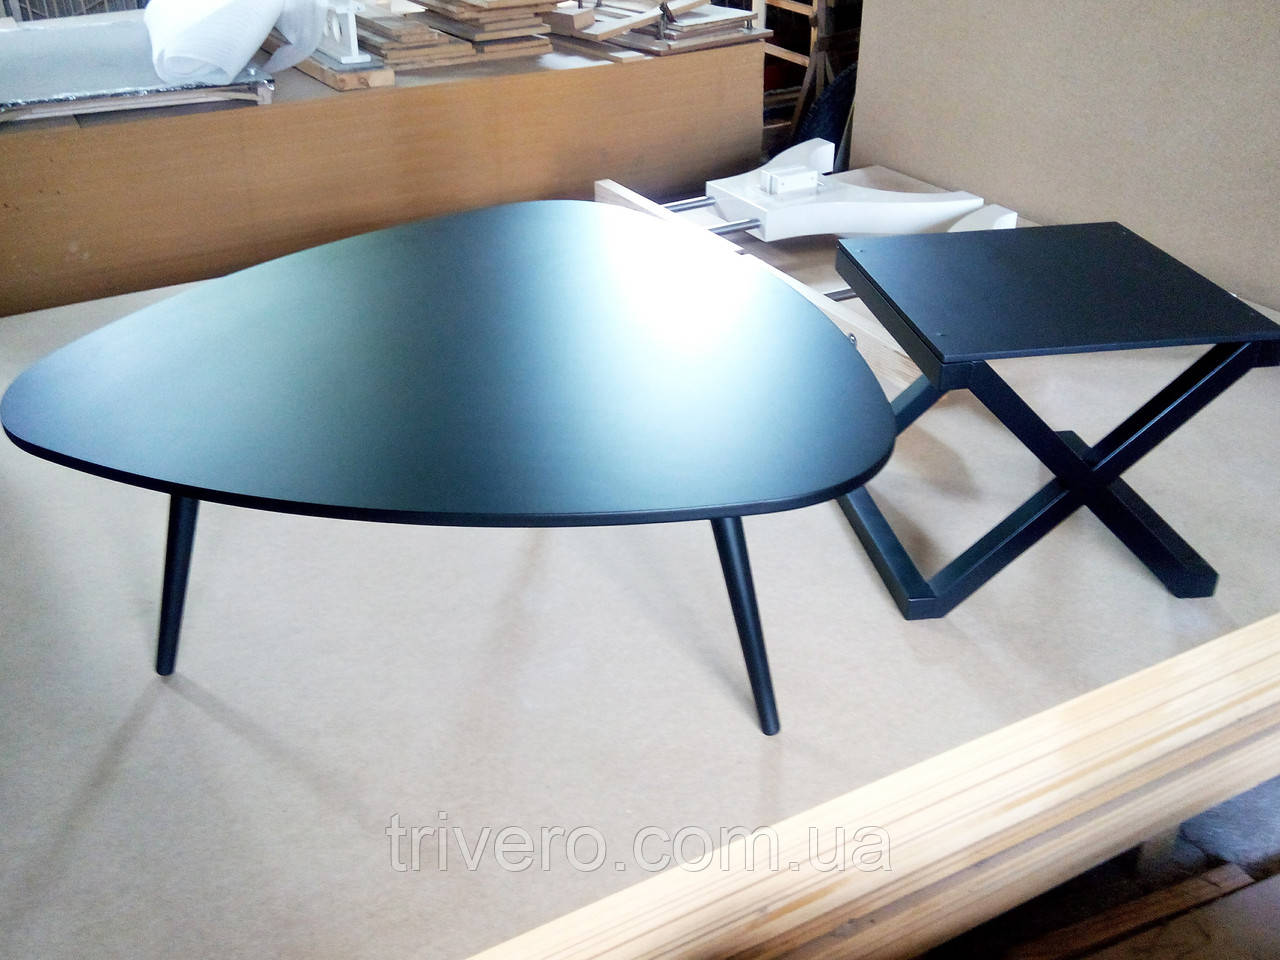 Журнальный столик черного цвета из массива дерева